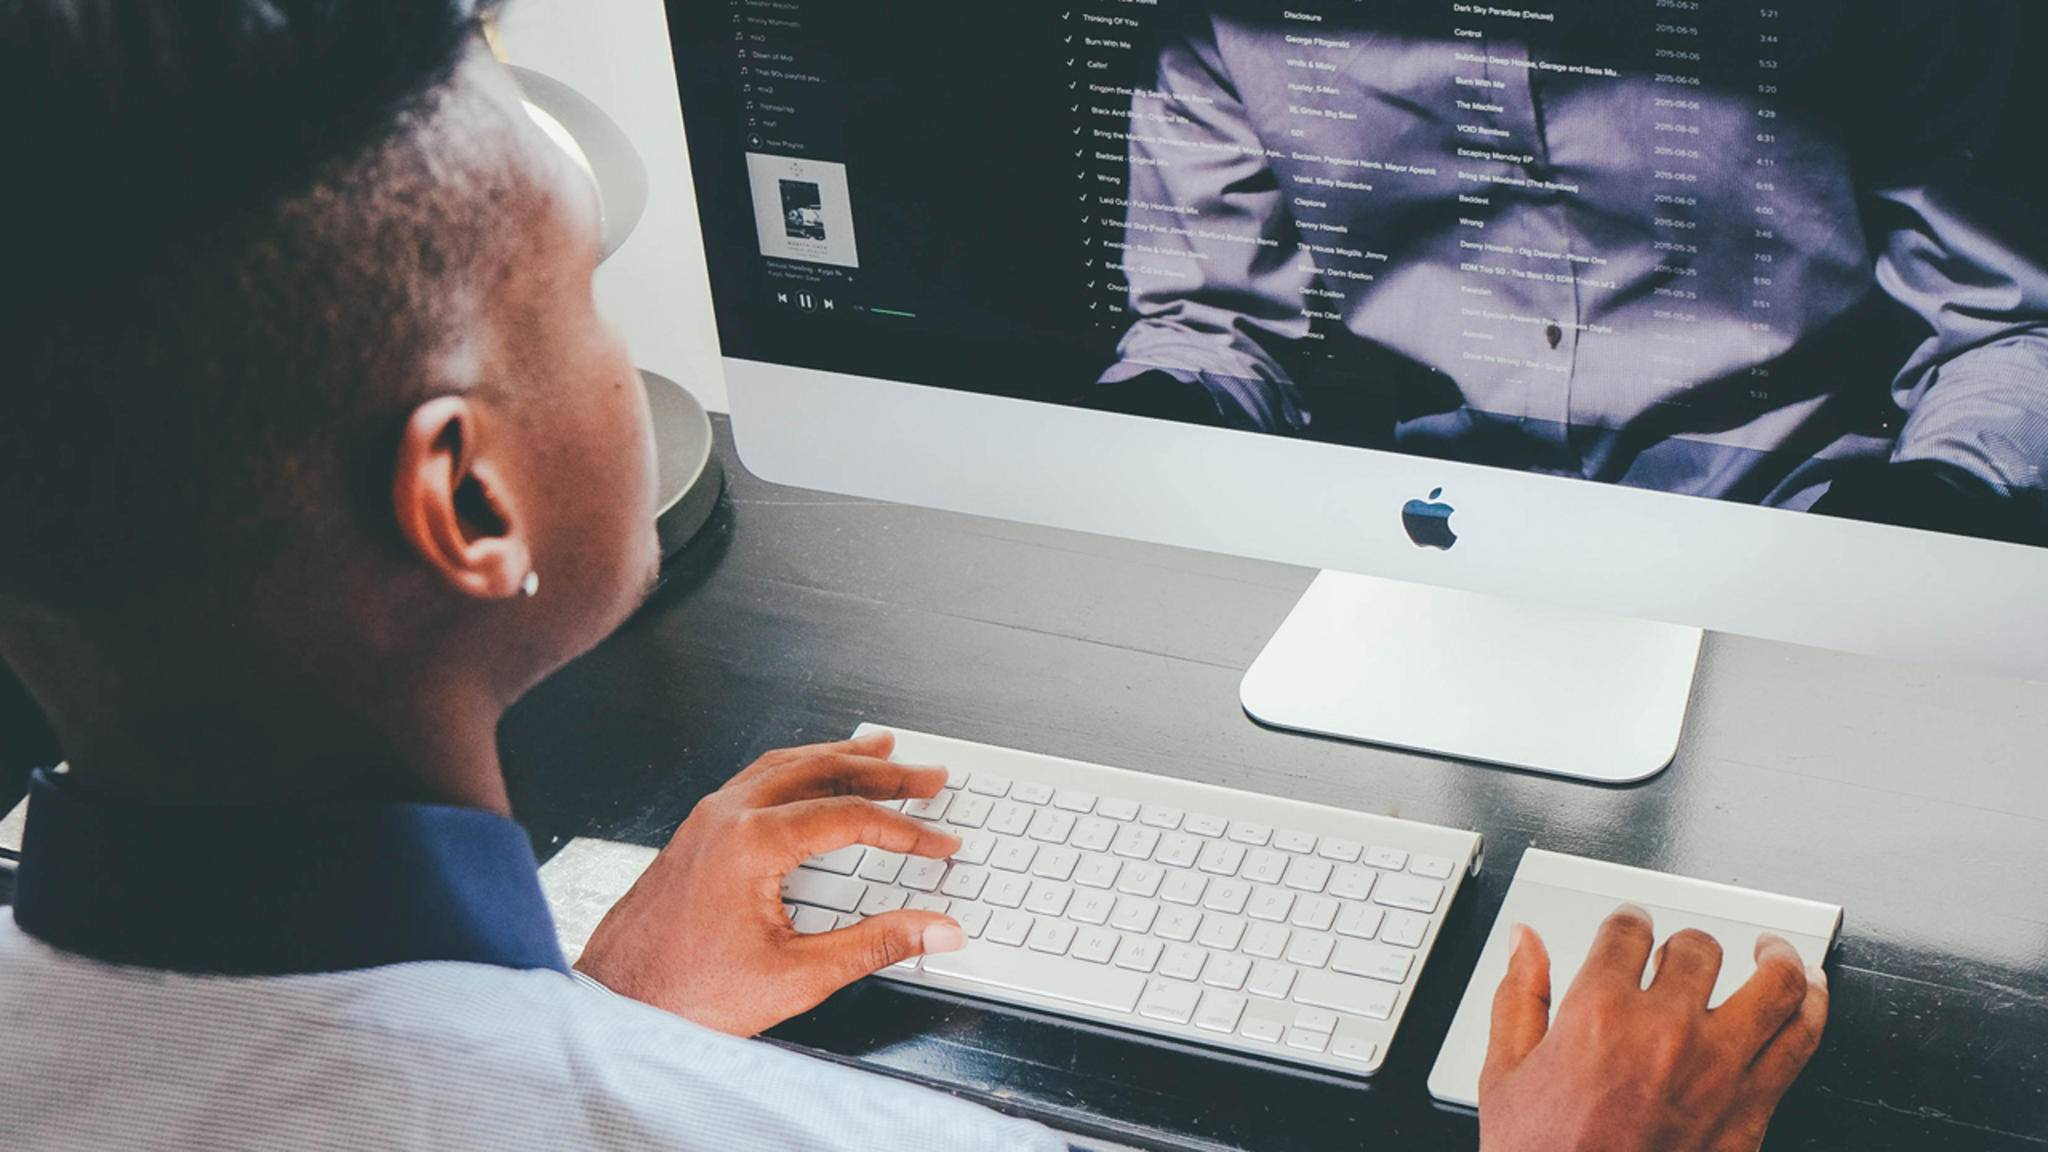 Wer den ganzen Tag auf den Bildschirm starrt, kennt das Computer Vision Syndrome vermutlich aus eigener Erfahrung.